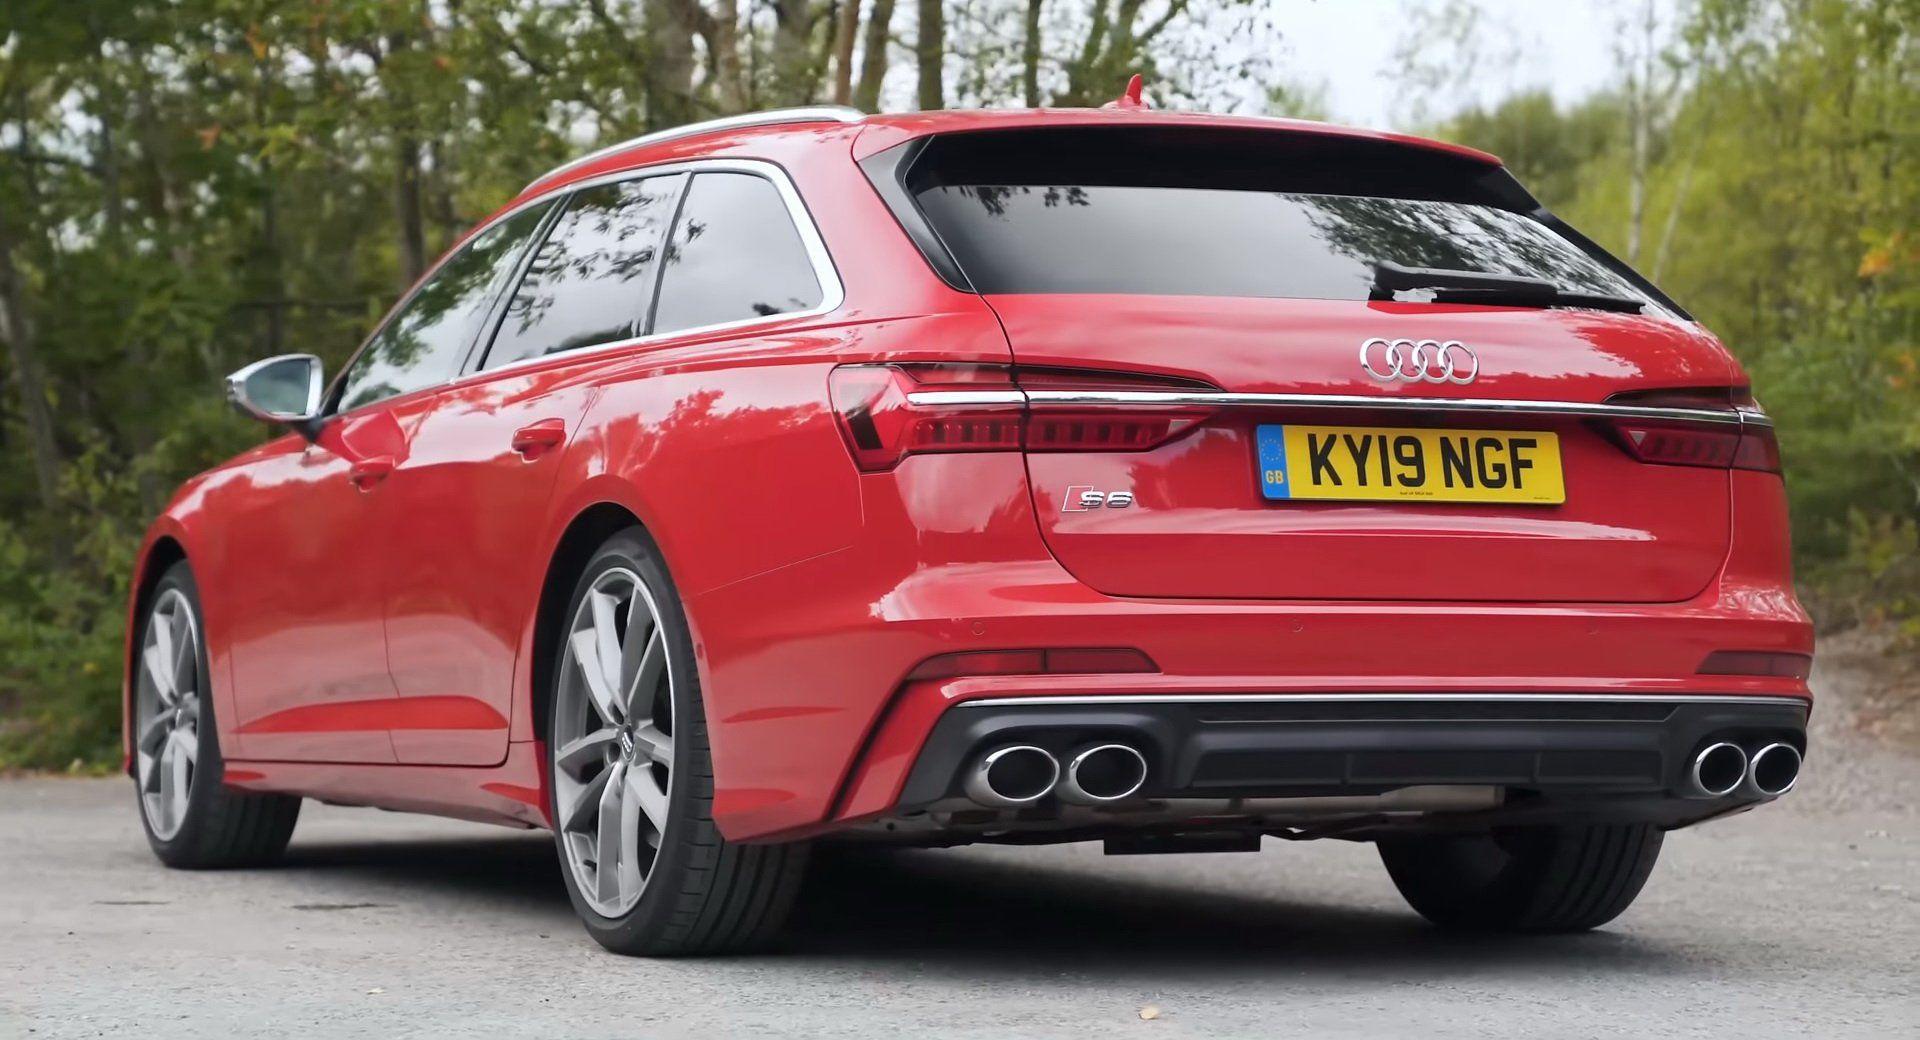 Der Neue 2020 S6 Von Audi Hat Die Wutendsten Falschungen Auf Dem Markt Audi Auf Autodasalleinefahrt Autodasfliegenkann Autodasmit Audi S6 Audi Exhausted